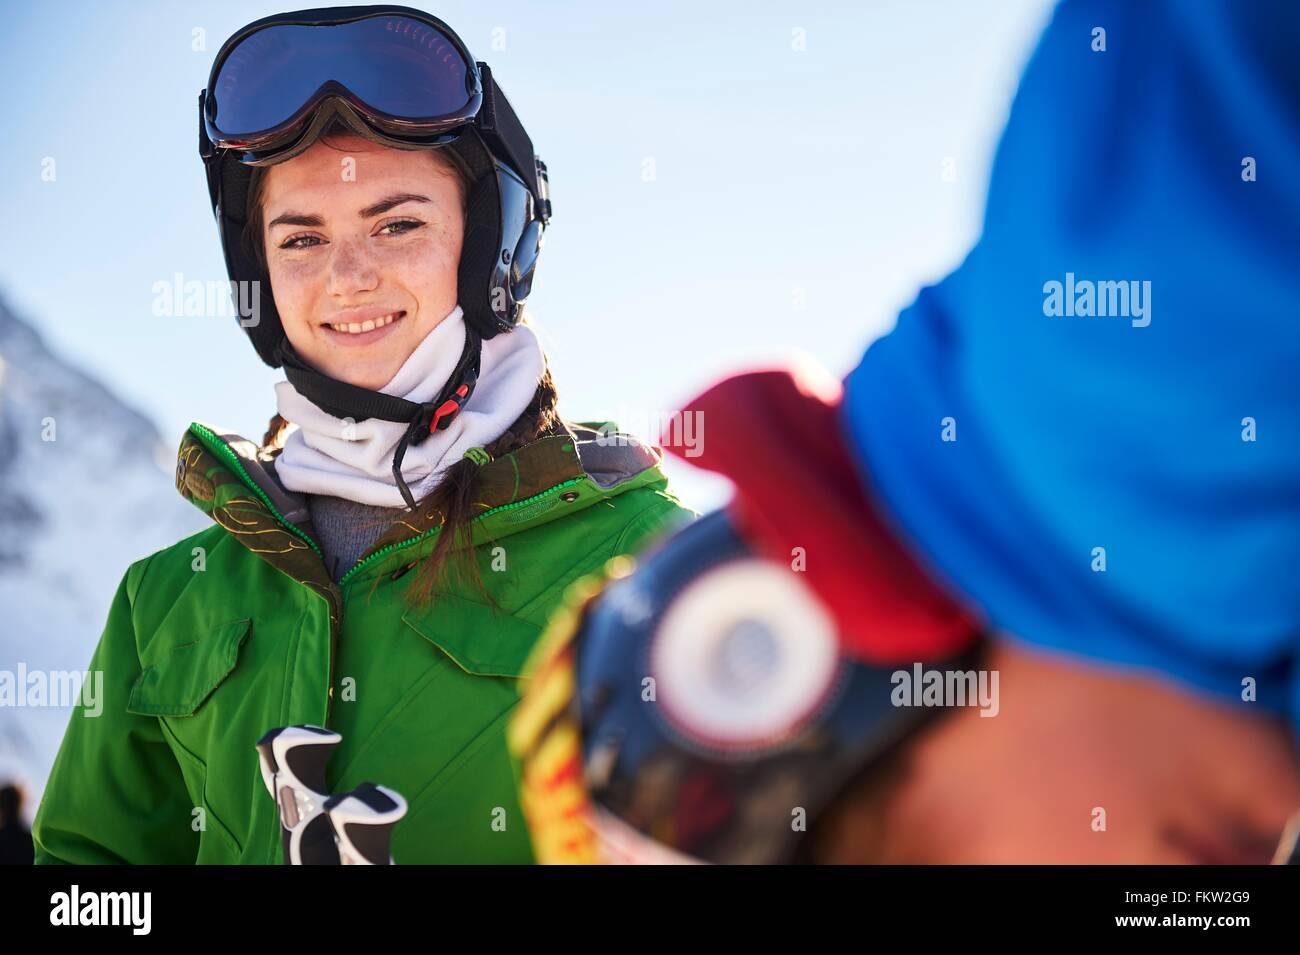 Chica en vacaciones de esquí Imagen De Stock